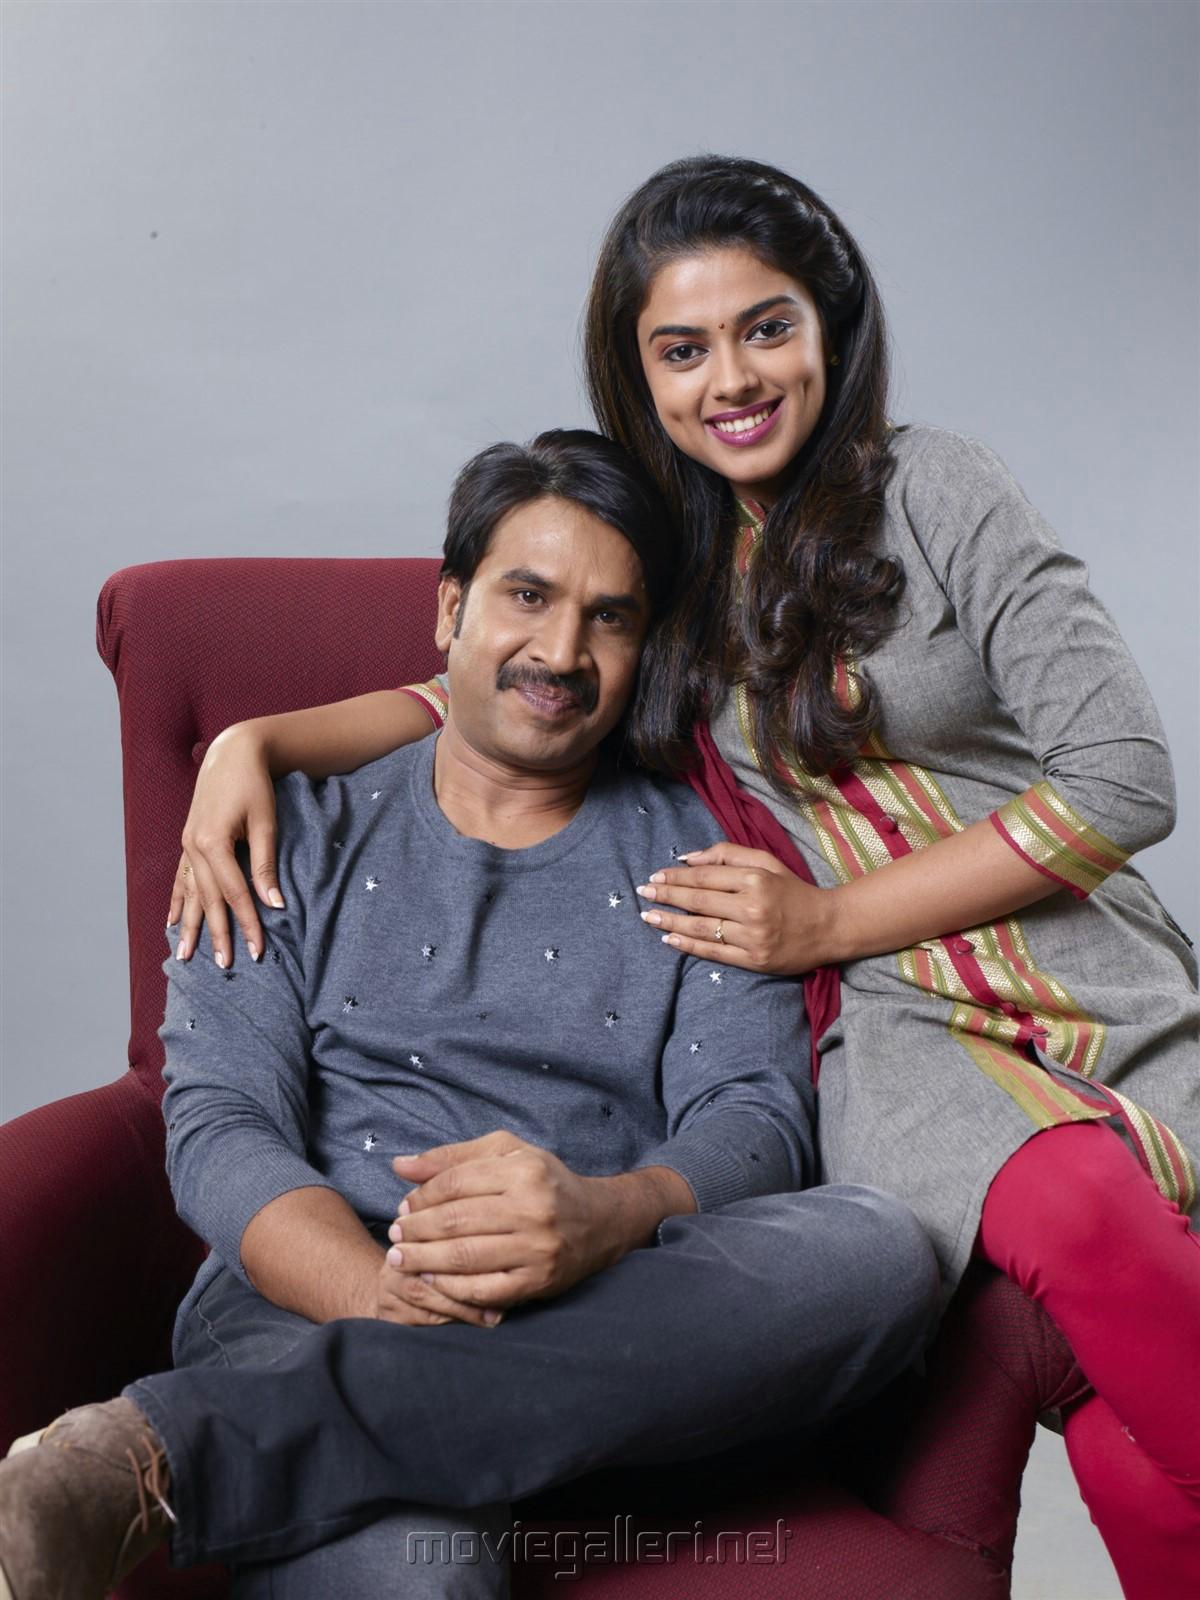 Srinivasa Reddy Siddhi Idnani Jamba Lakidi Pamba Movie gets UA, film release on 22 June